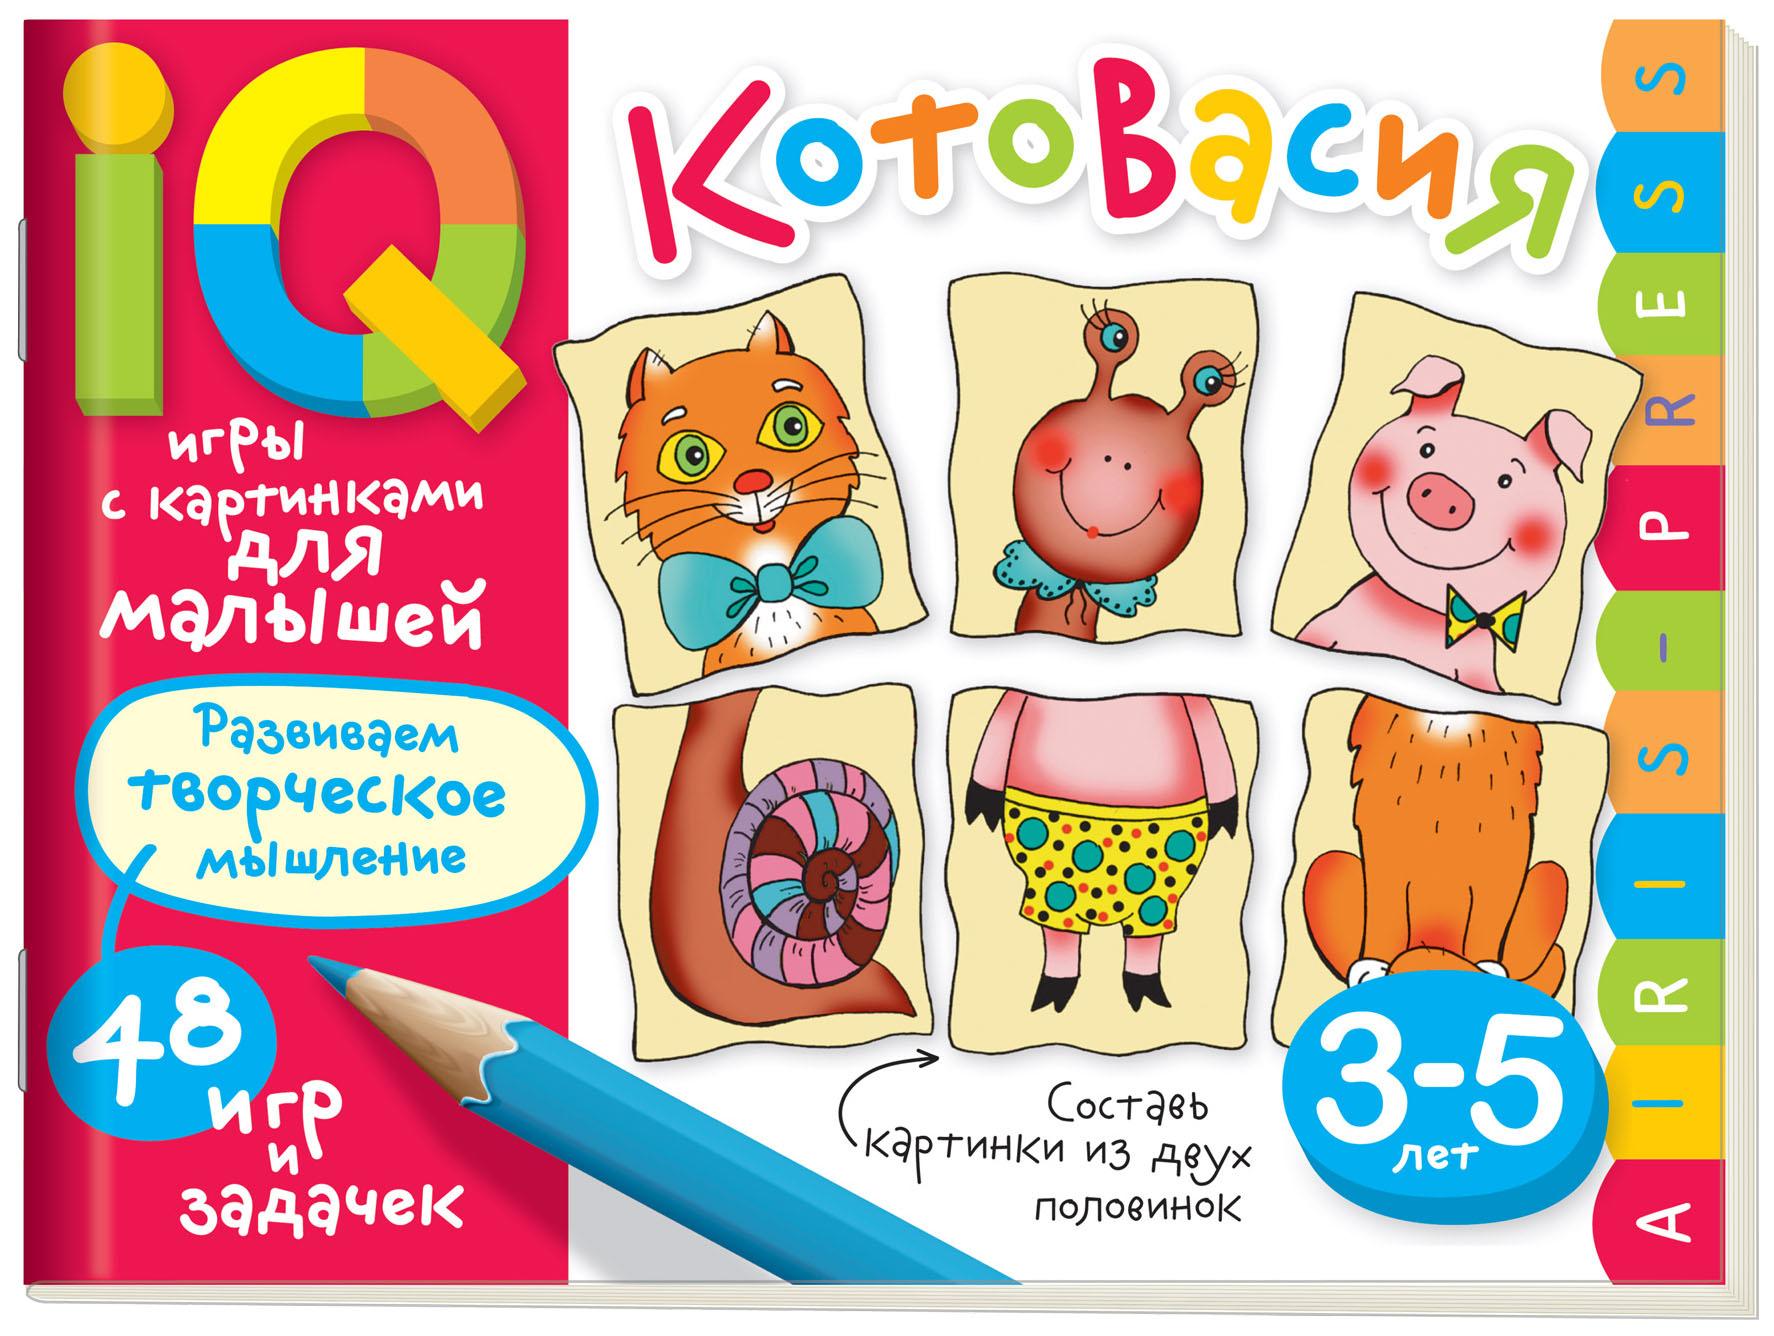 Книга Айрис-Пресс куликова Е. Умные Игры С картинками для Малышей. котовасия